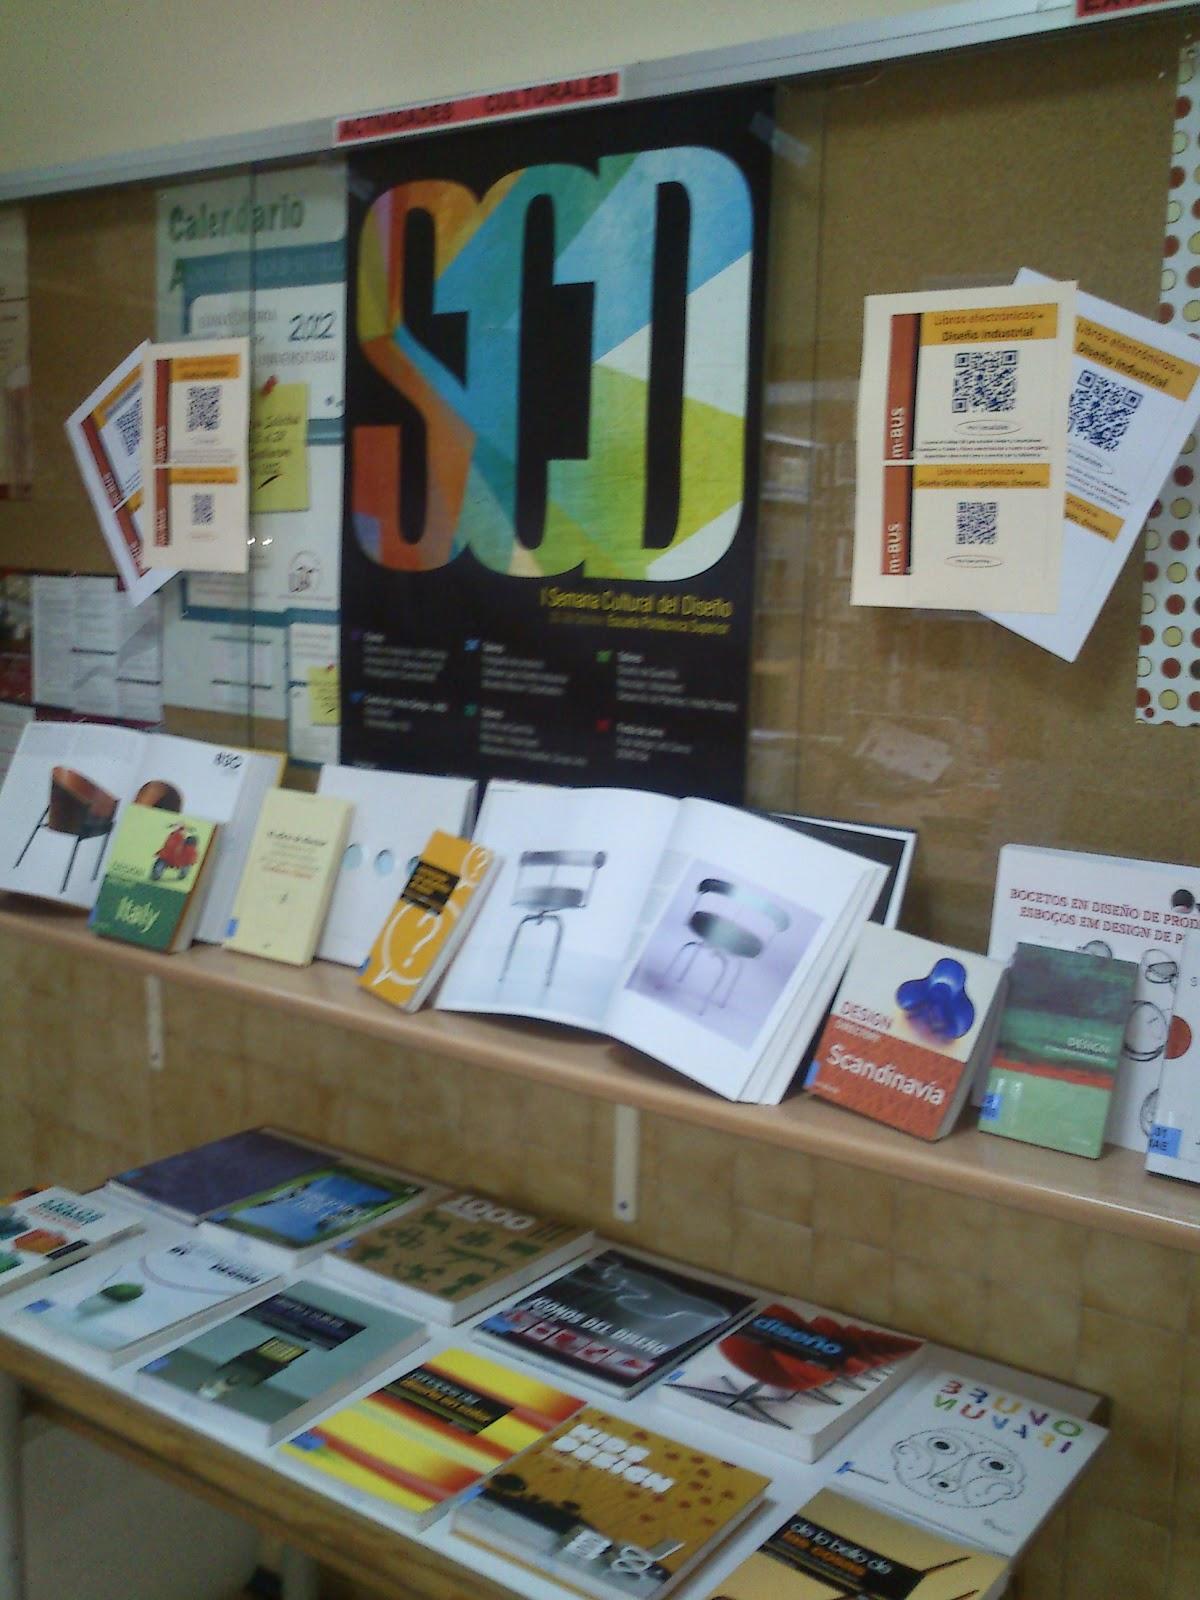 Bibpolitec blog exposici n en la biblioteca libros de - Libros diseno industrial ...